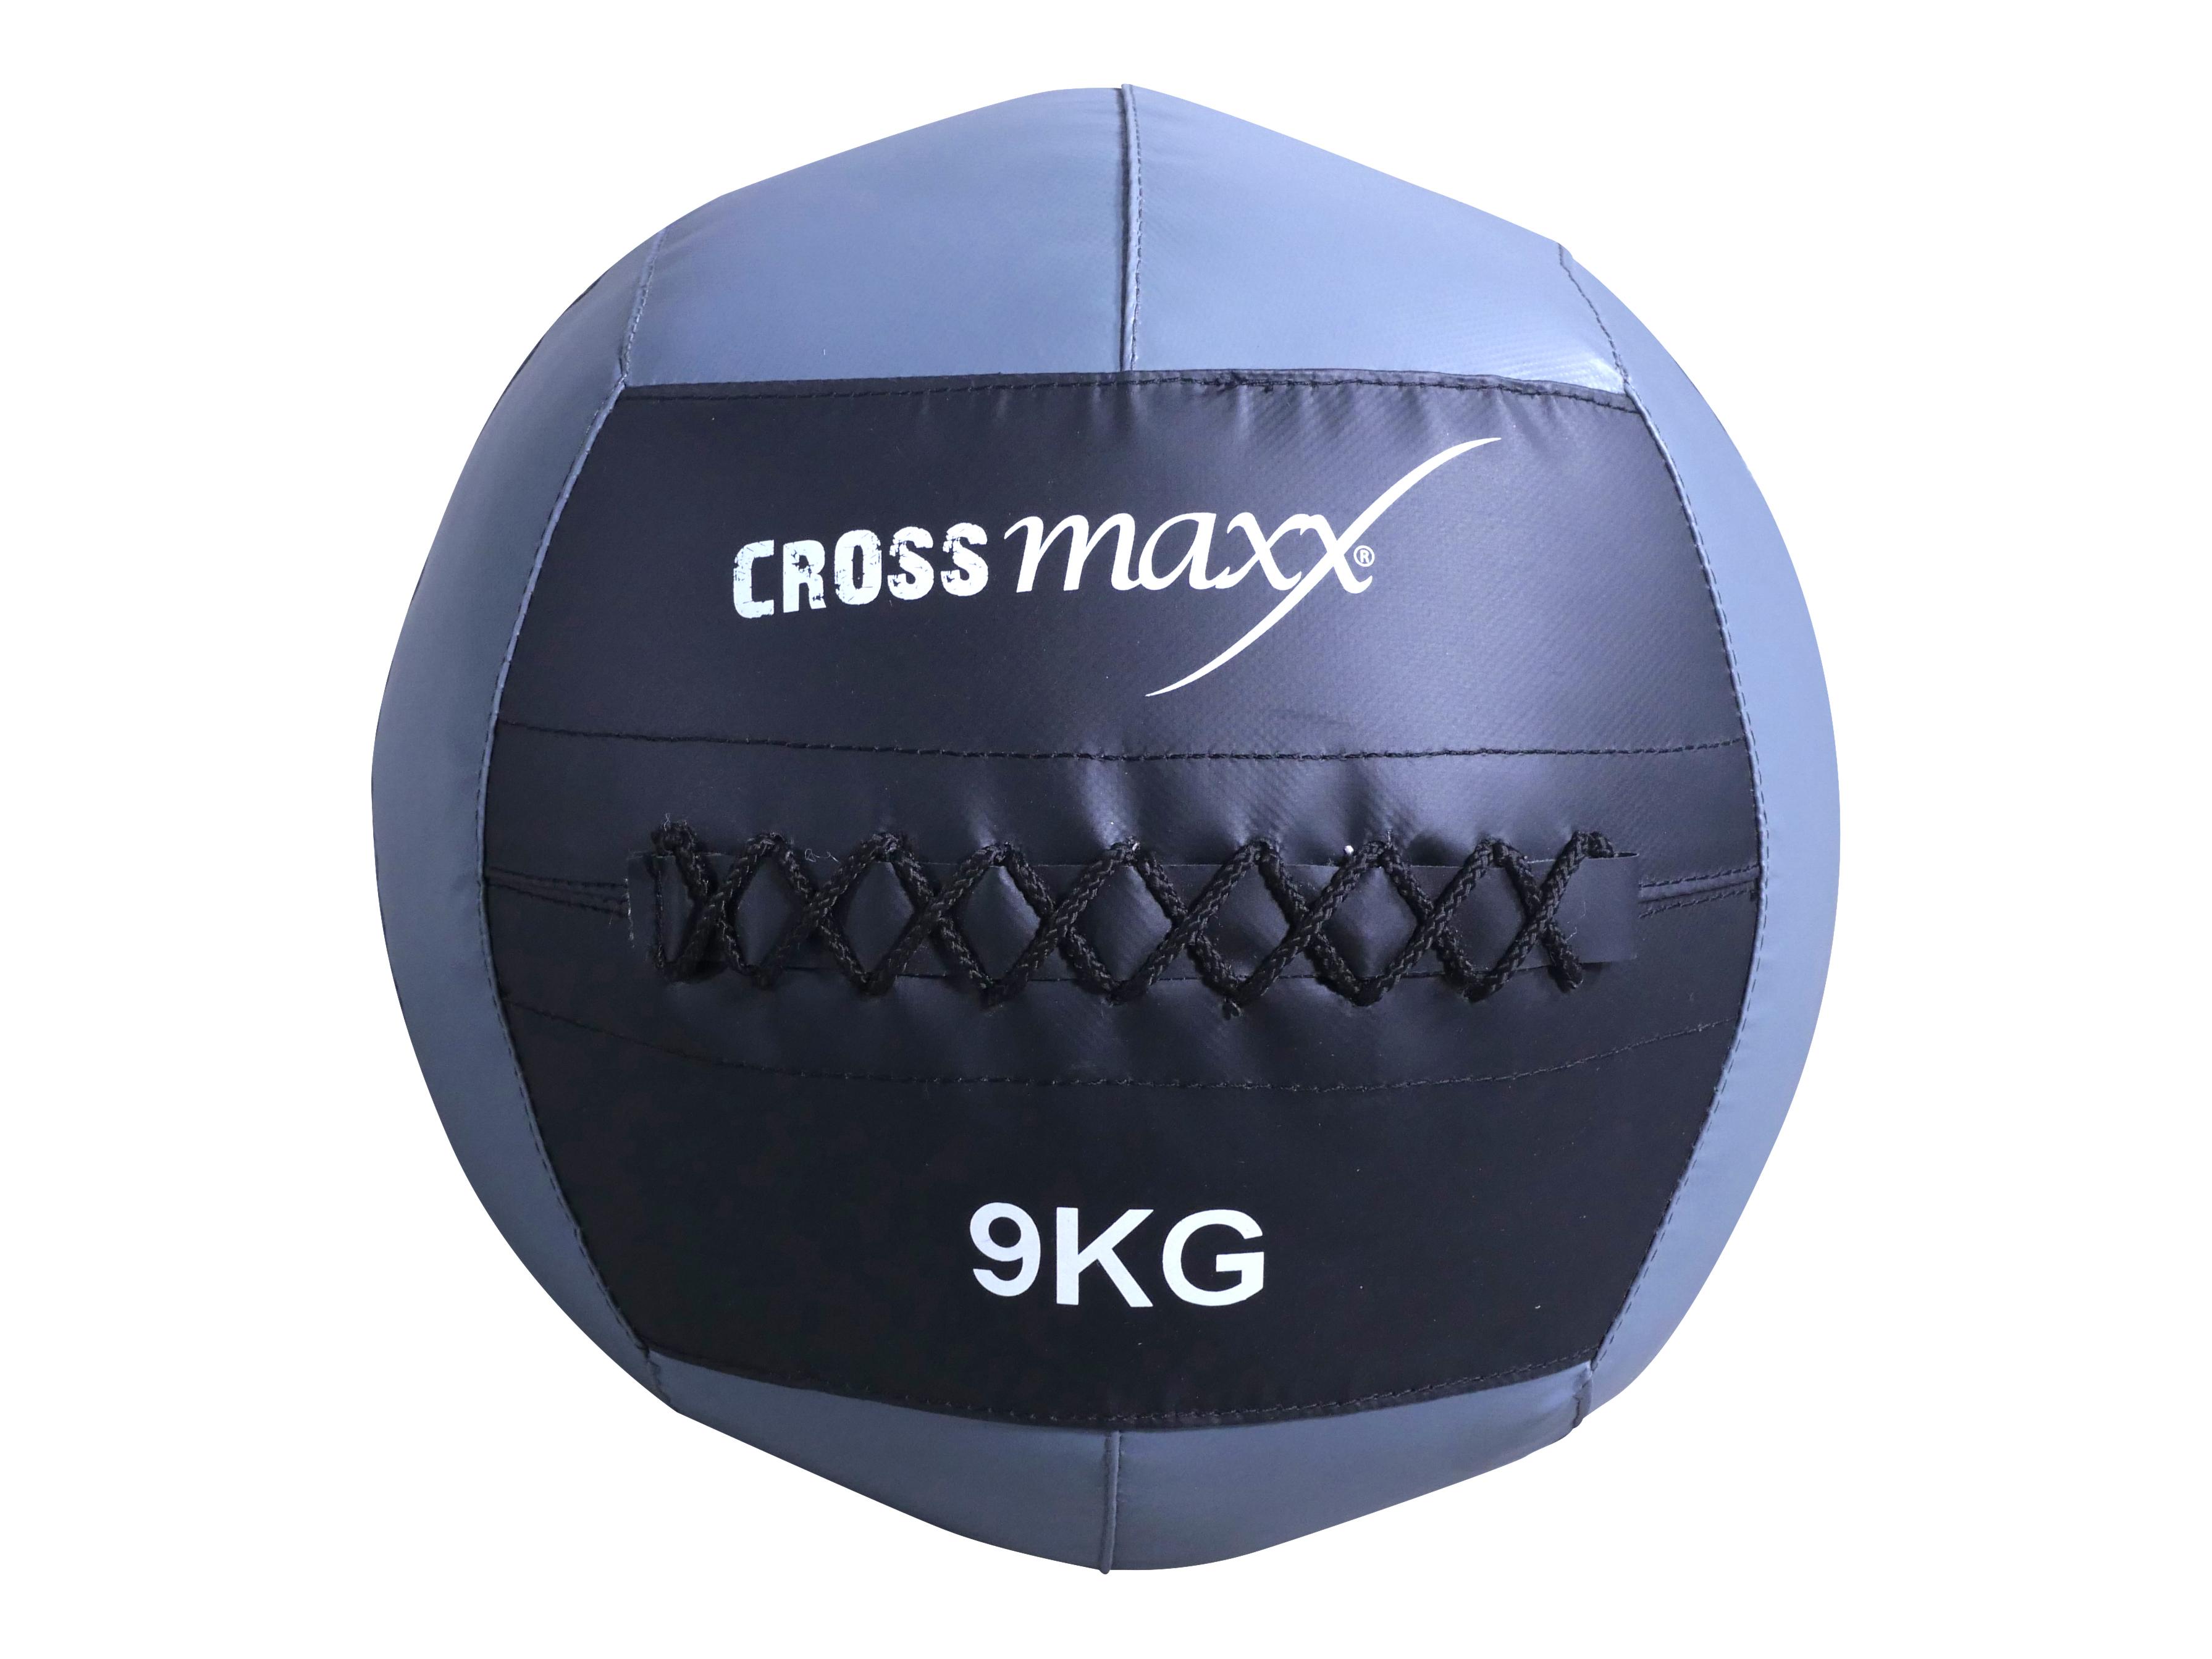 Crossmaxx Wall Ball 9 kg Grey